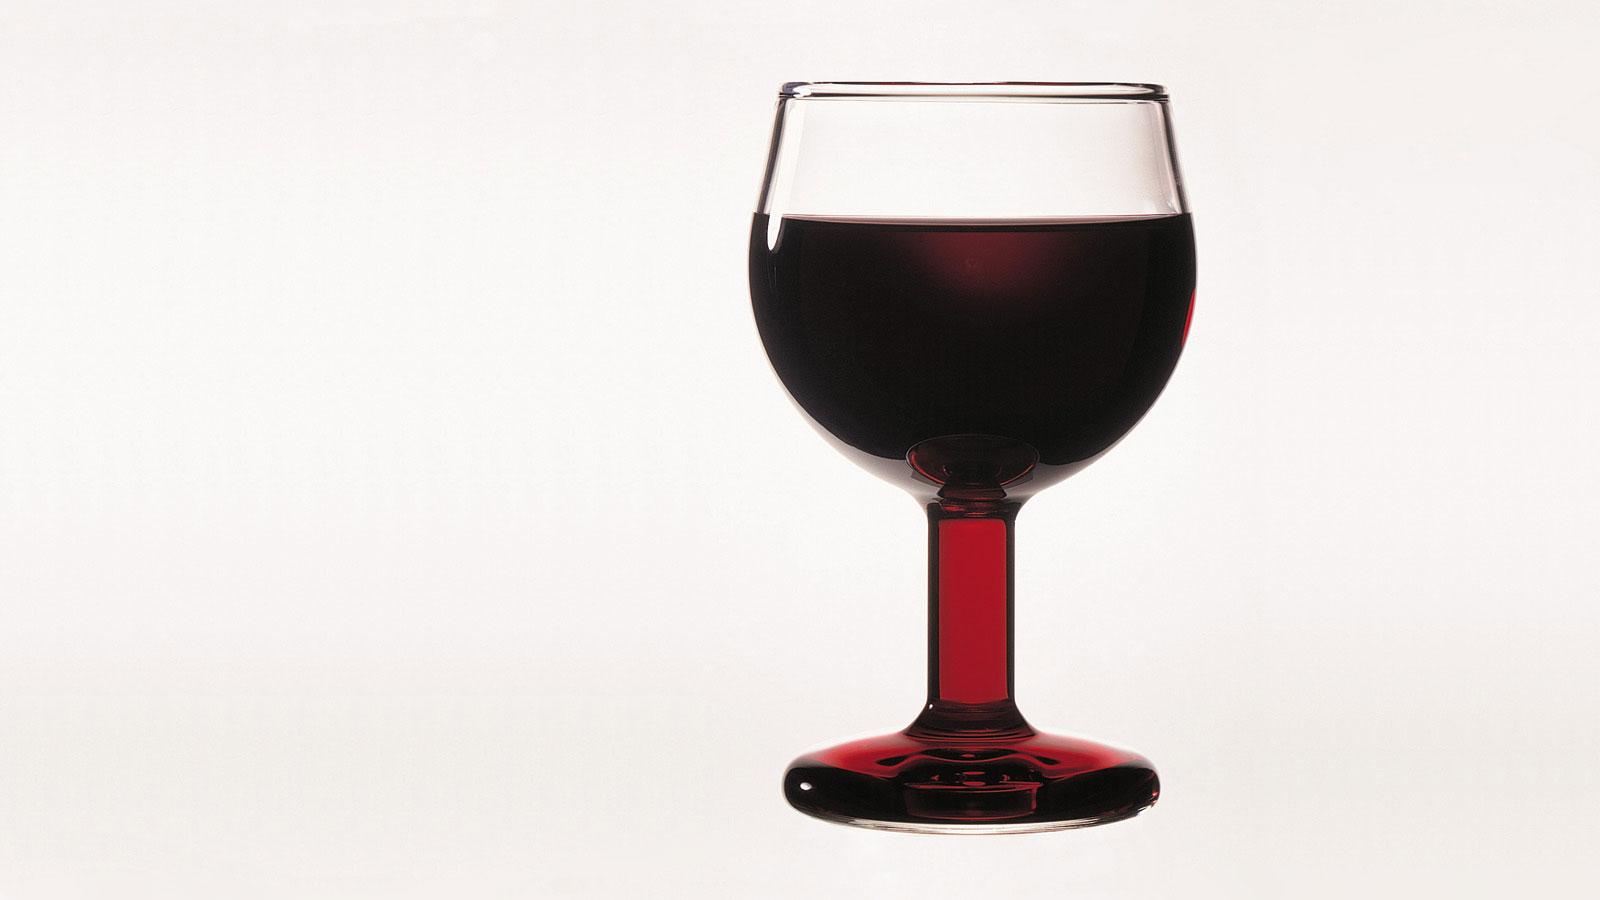 verre rouge verre ballon revisit sa jambe et son pied son creux pour recevoir le vin cette. Black Bedroom Furniture Sets. Home Design Ideas